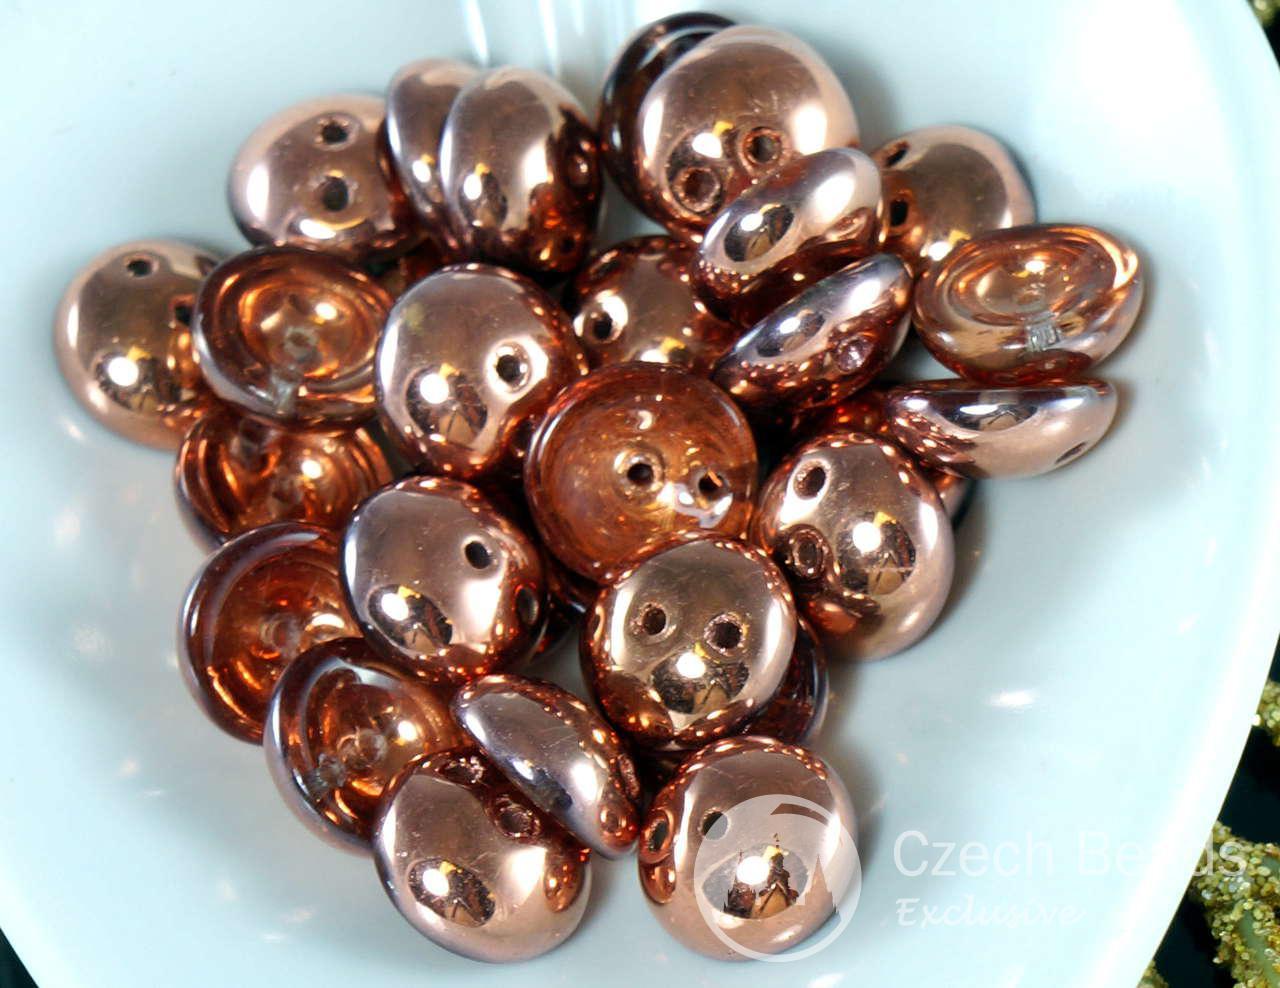 30pcs Cristal de Cuivre Métallique Piggy Perles de Verre tchèque Deux Trou des Perles de 4 mm x 8 mm pour $ 2.38 à partir de Czech Beads Exclusive